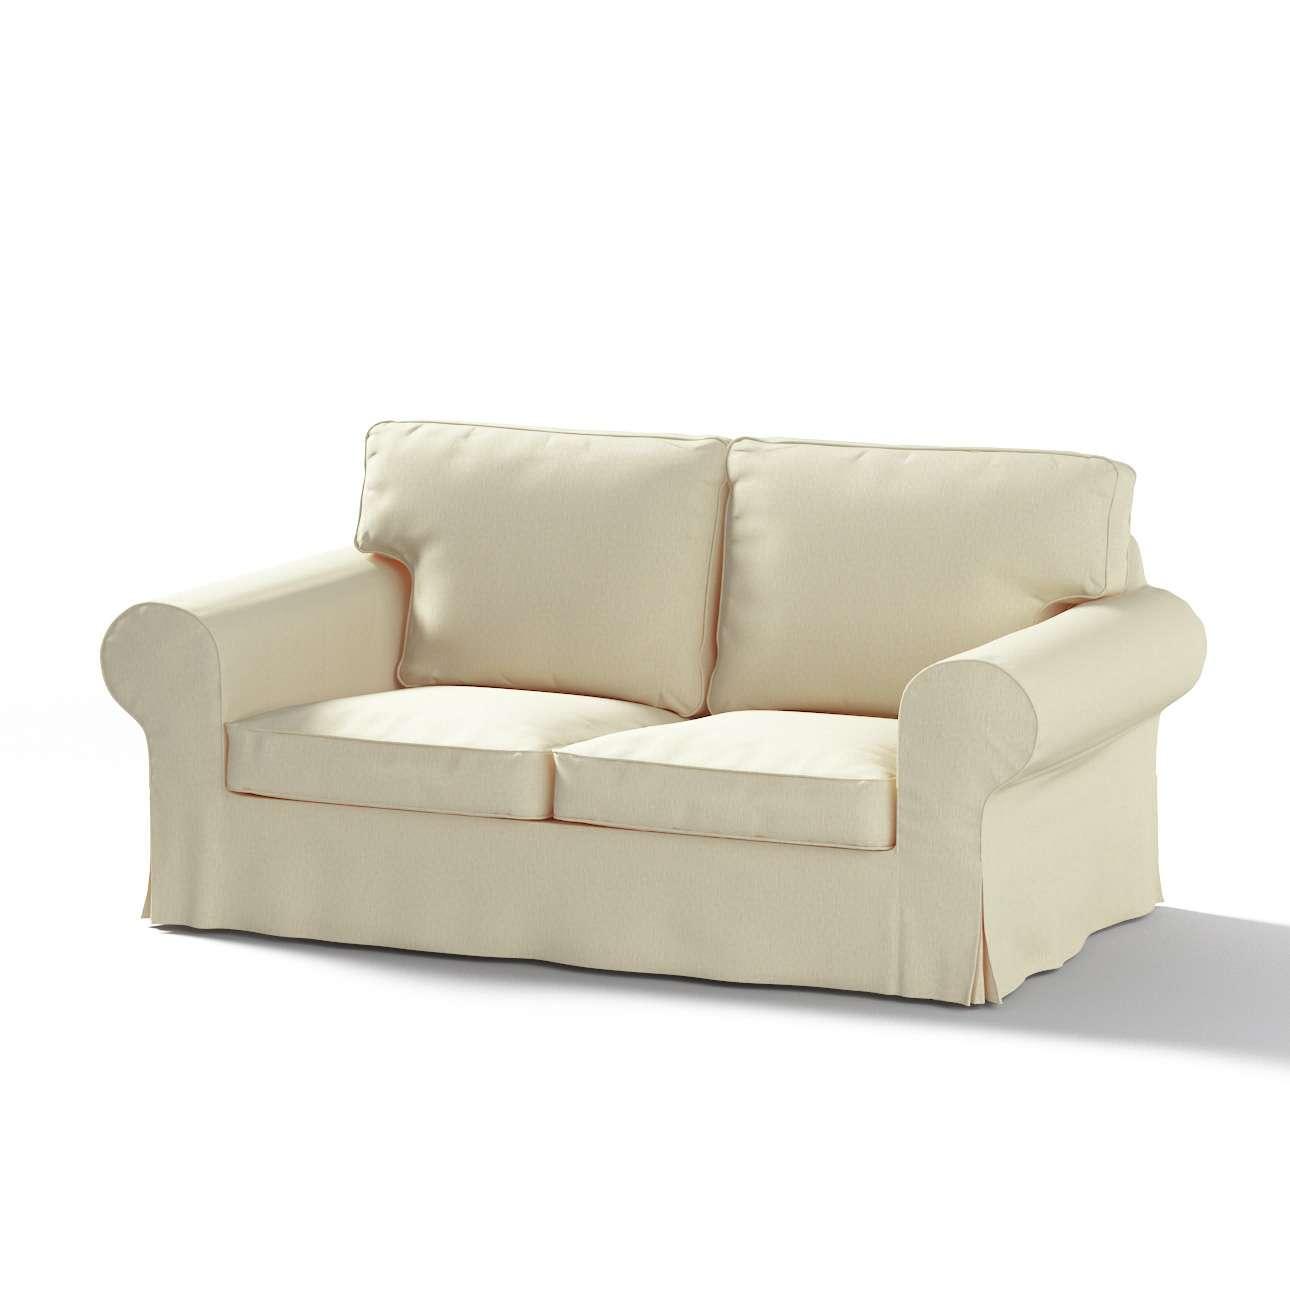 Pokrowiec na sofę Ektorp 2-osobową rozkładaną, model po 2012 w kolekcji Chenille, tkanina: 702-22